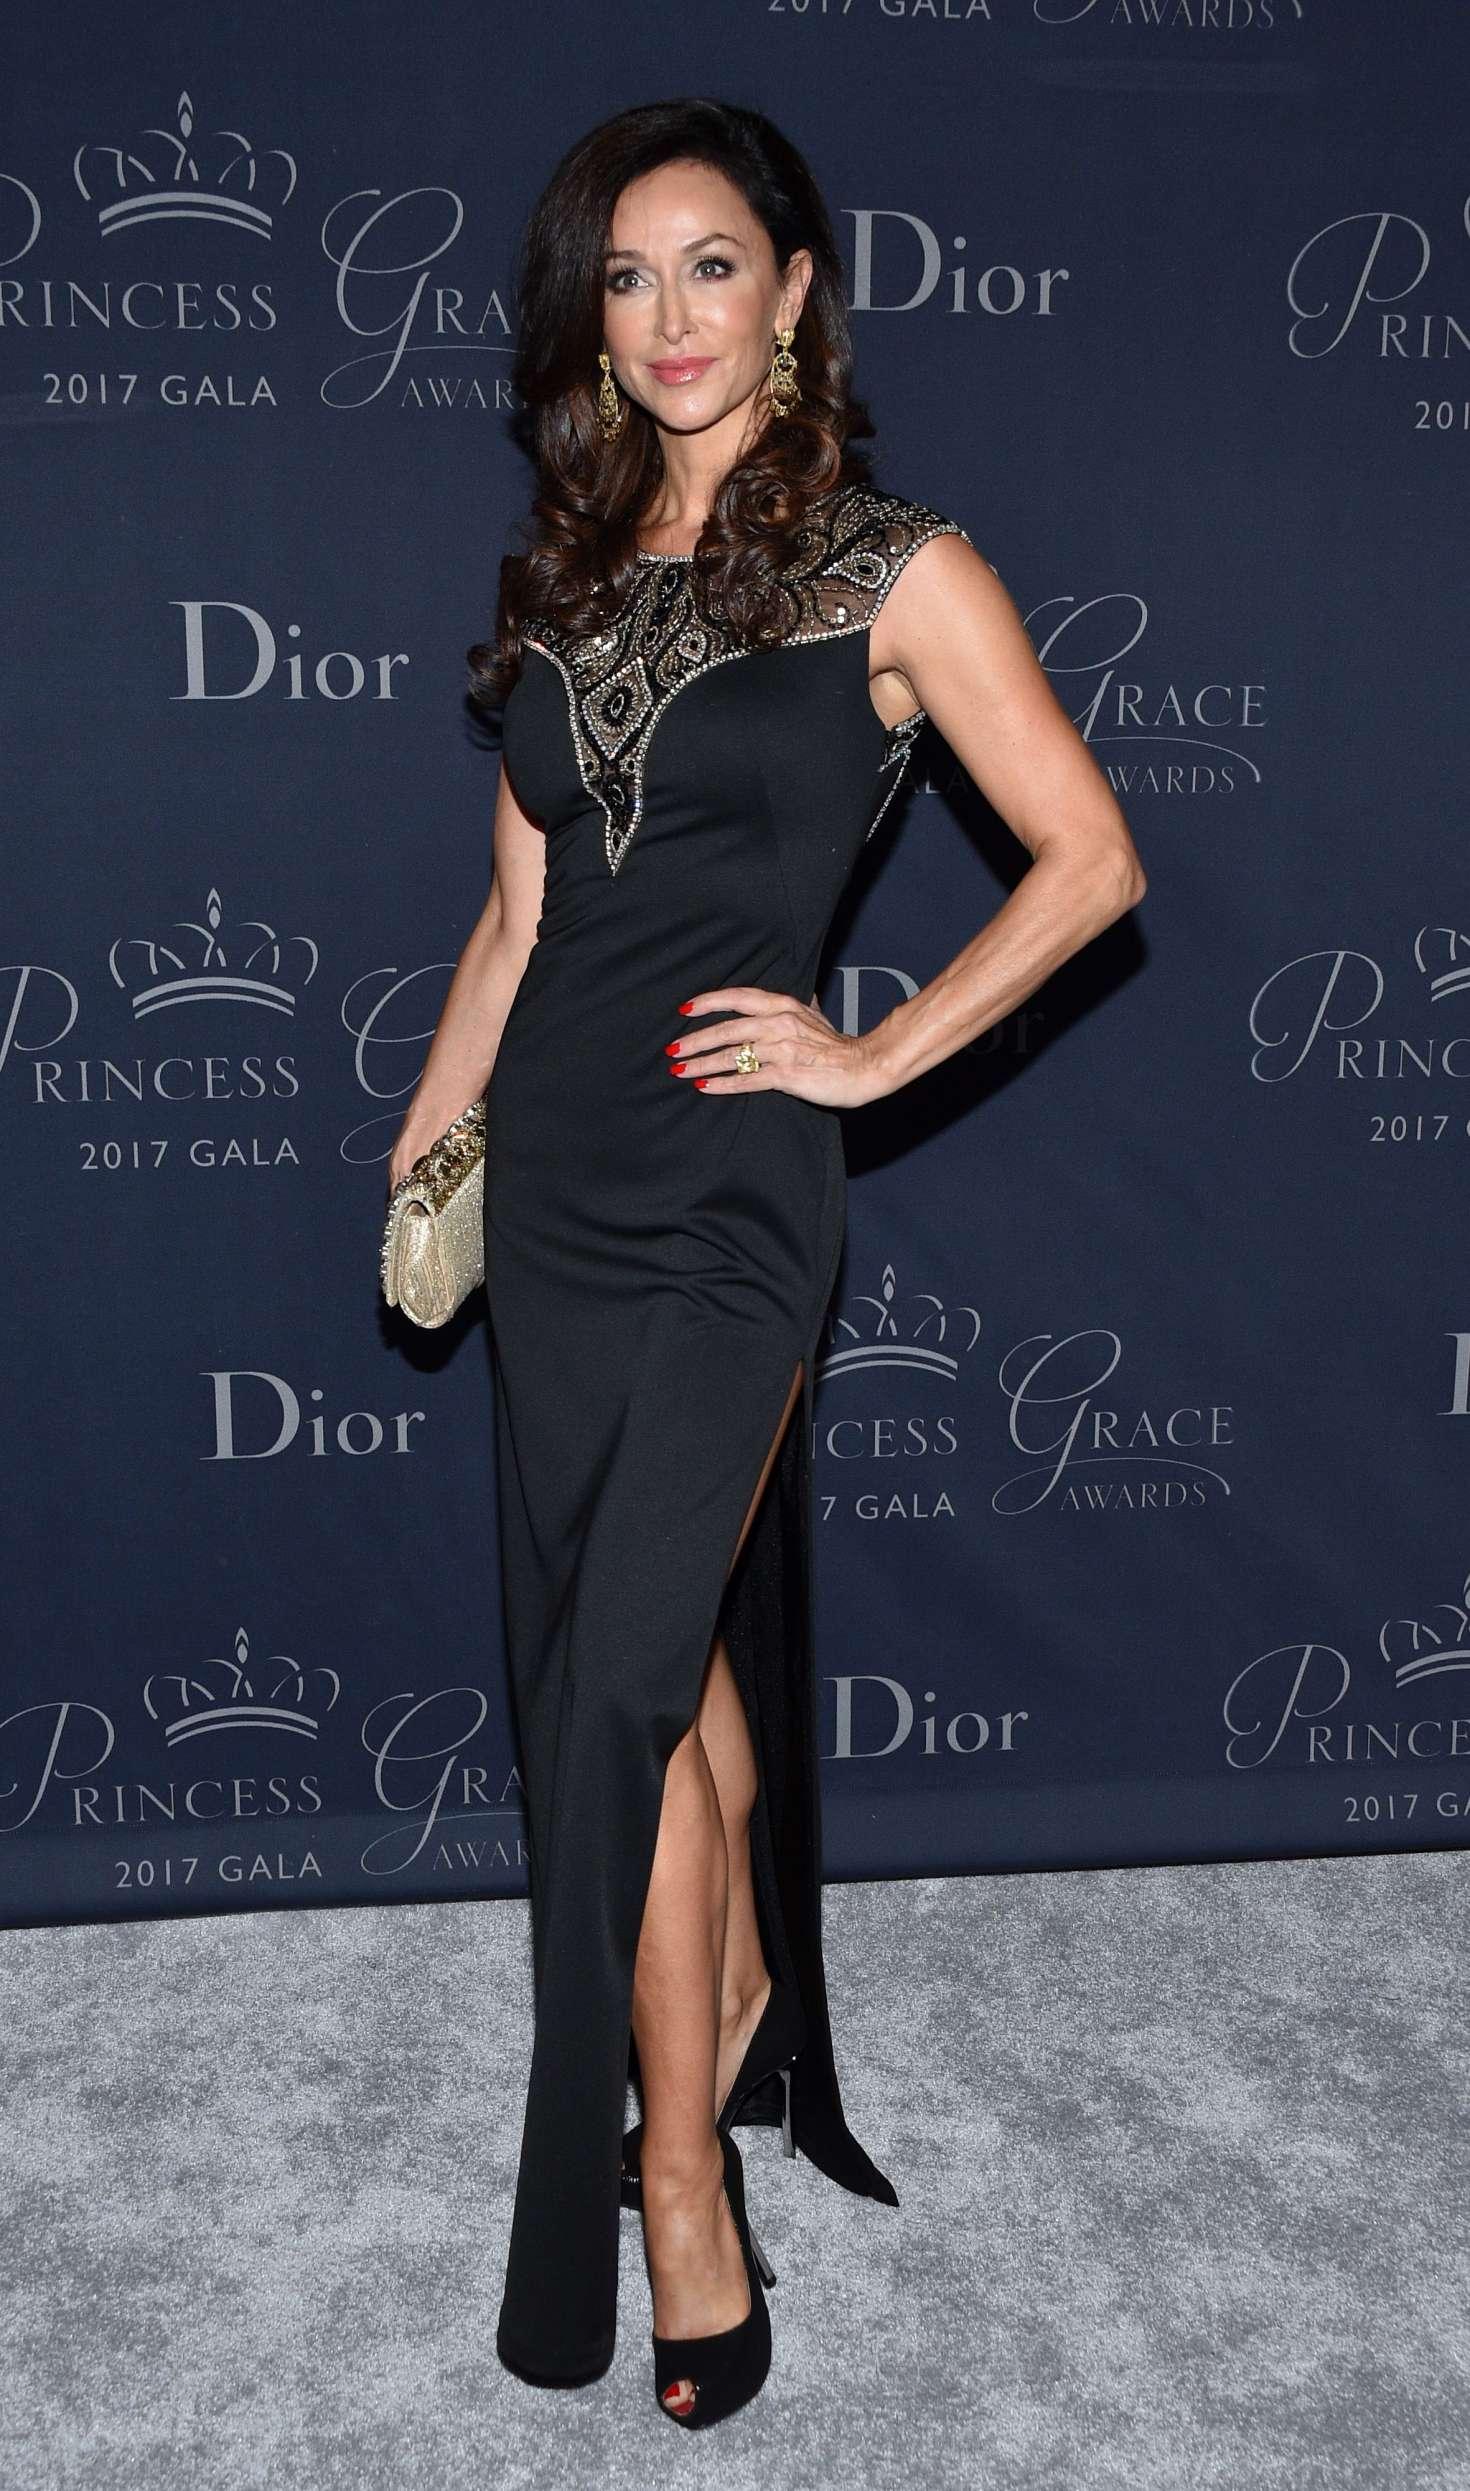 Sofia Milos 2017 : Sofia Milos: Princess Grace Awards Gala 2017 -02